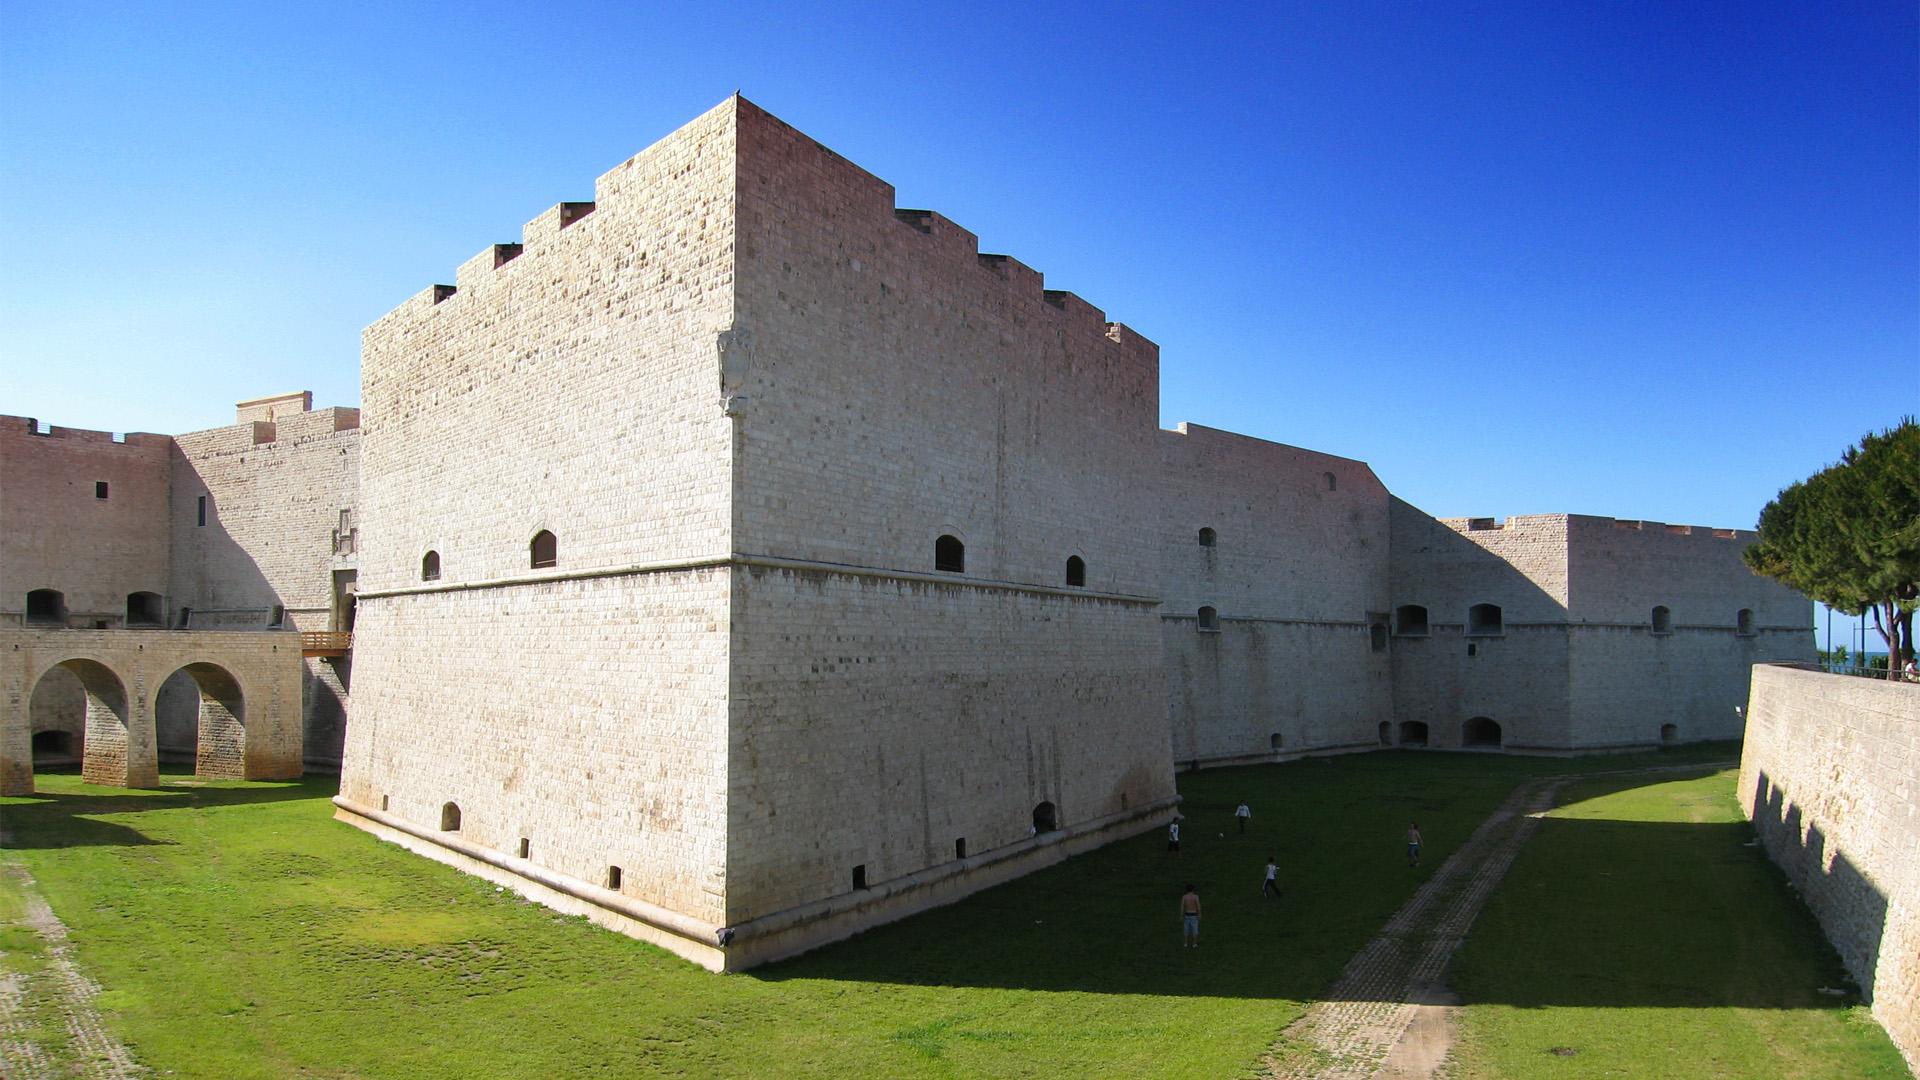 Castello Svevo, Barletta